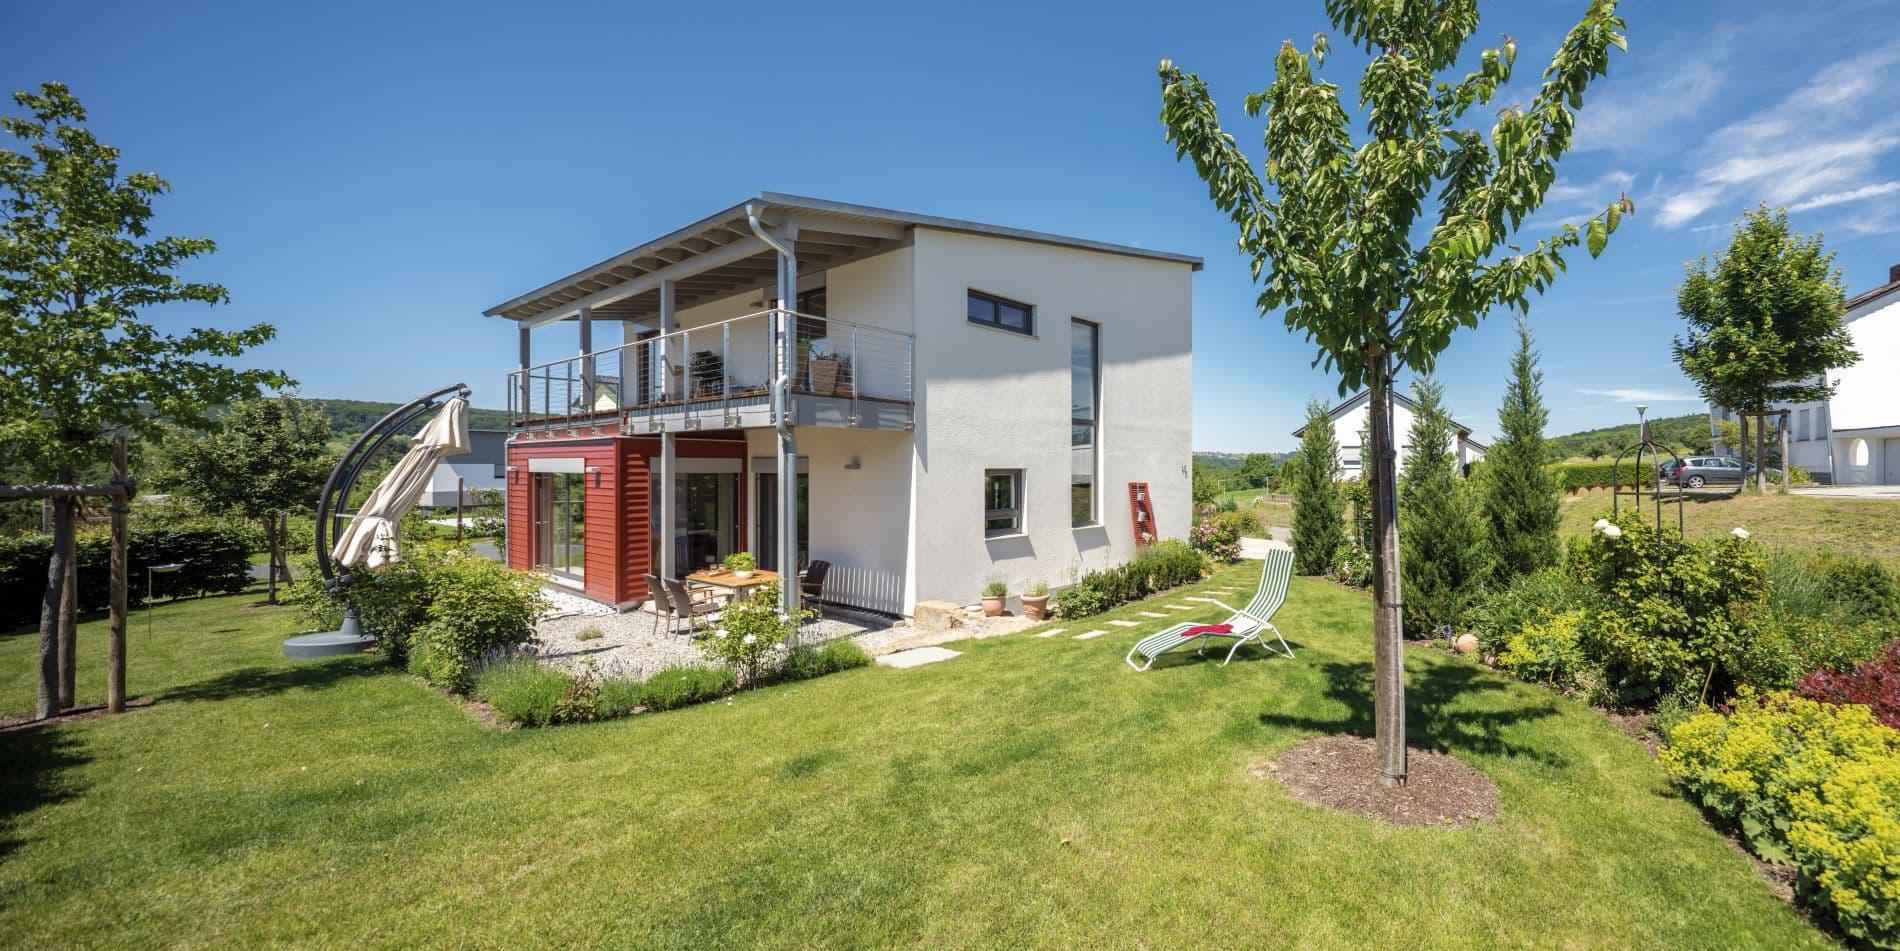 Im privaten Umfeld respektive auf der Gartenseite versprüht es heitere Lebensfreude. Hier lädt ein weit vorgezogenes Pultdach zum genussvollen Aufenthalt auf dem darunter entstandenen Balkon bzw. der Terrasse ein.